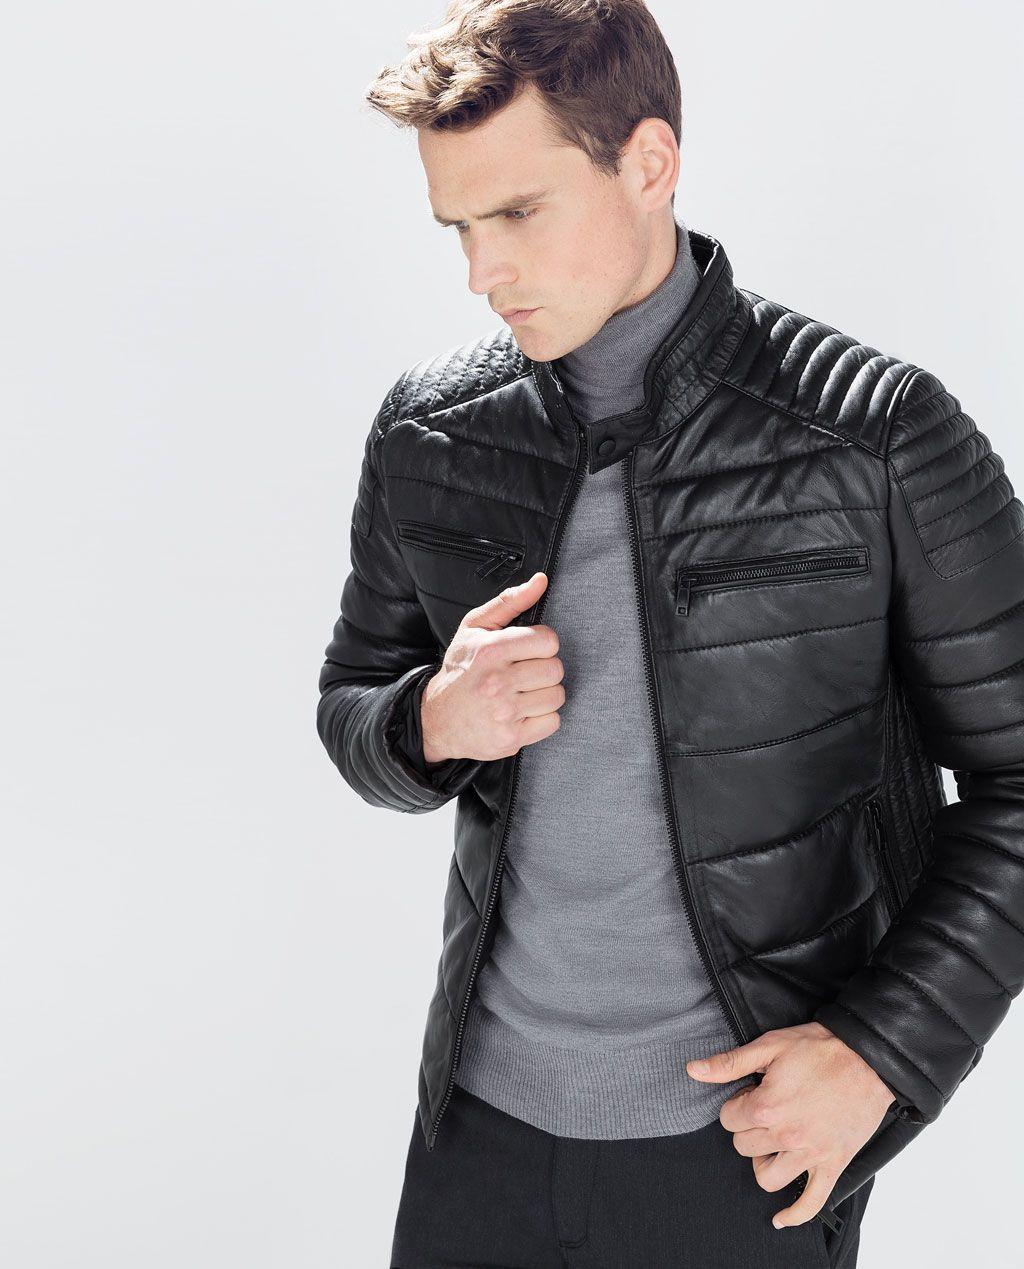 CHAQUETA DE CUERO HOMBRE ZARA  chaqueta  chaquetadecuero  cuero  hombre b28e2242f1f4a